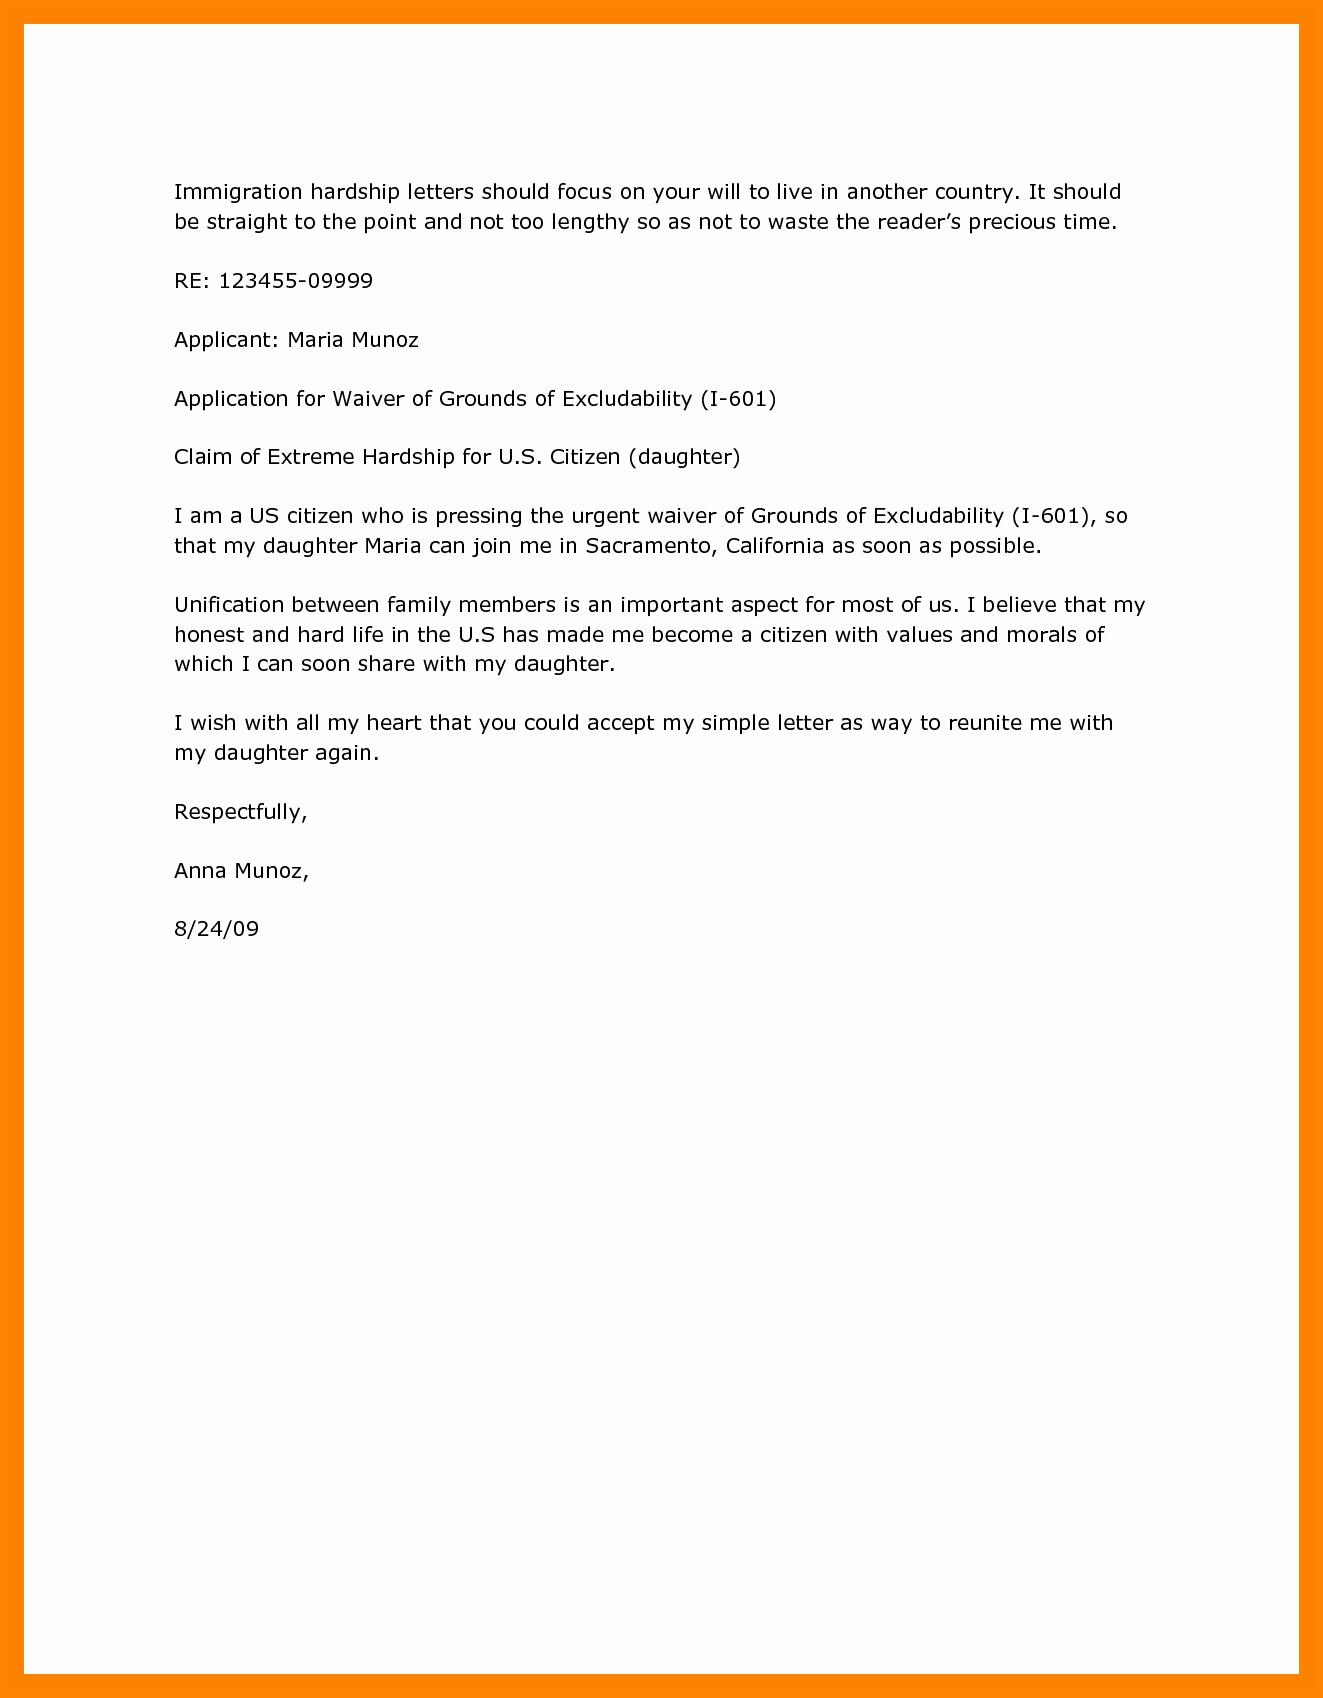 Immigration Pardon Letter Sample Lovely 11 Immigration Pardon Letter Sample